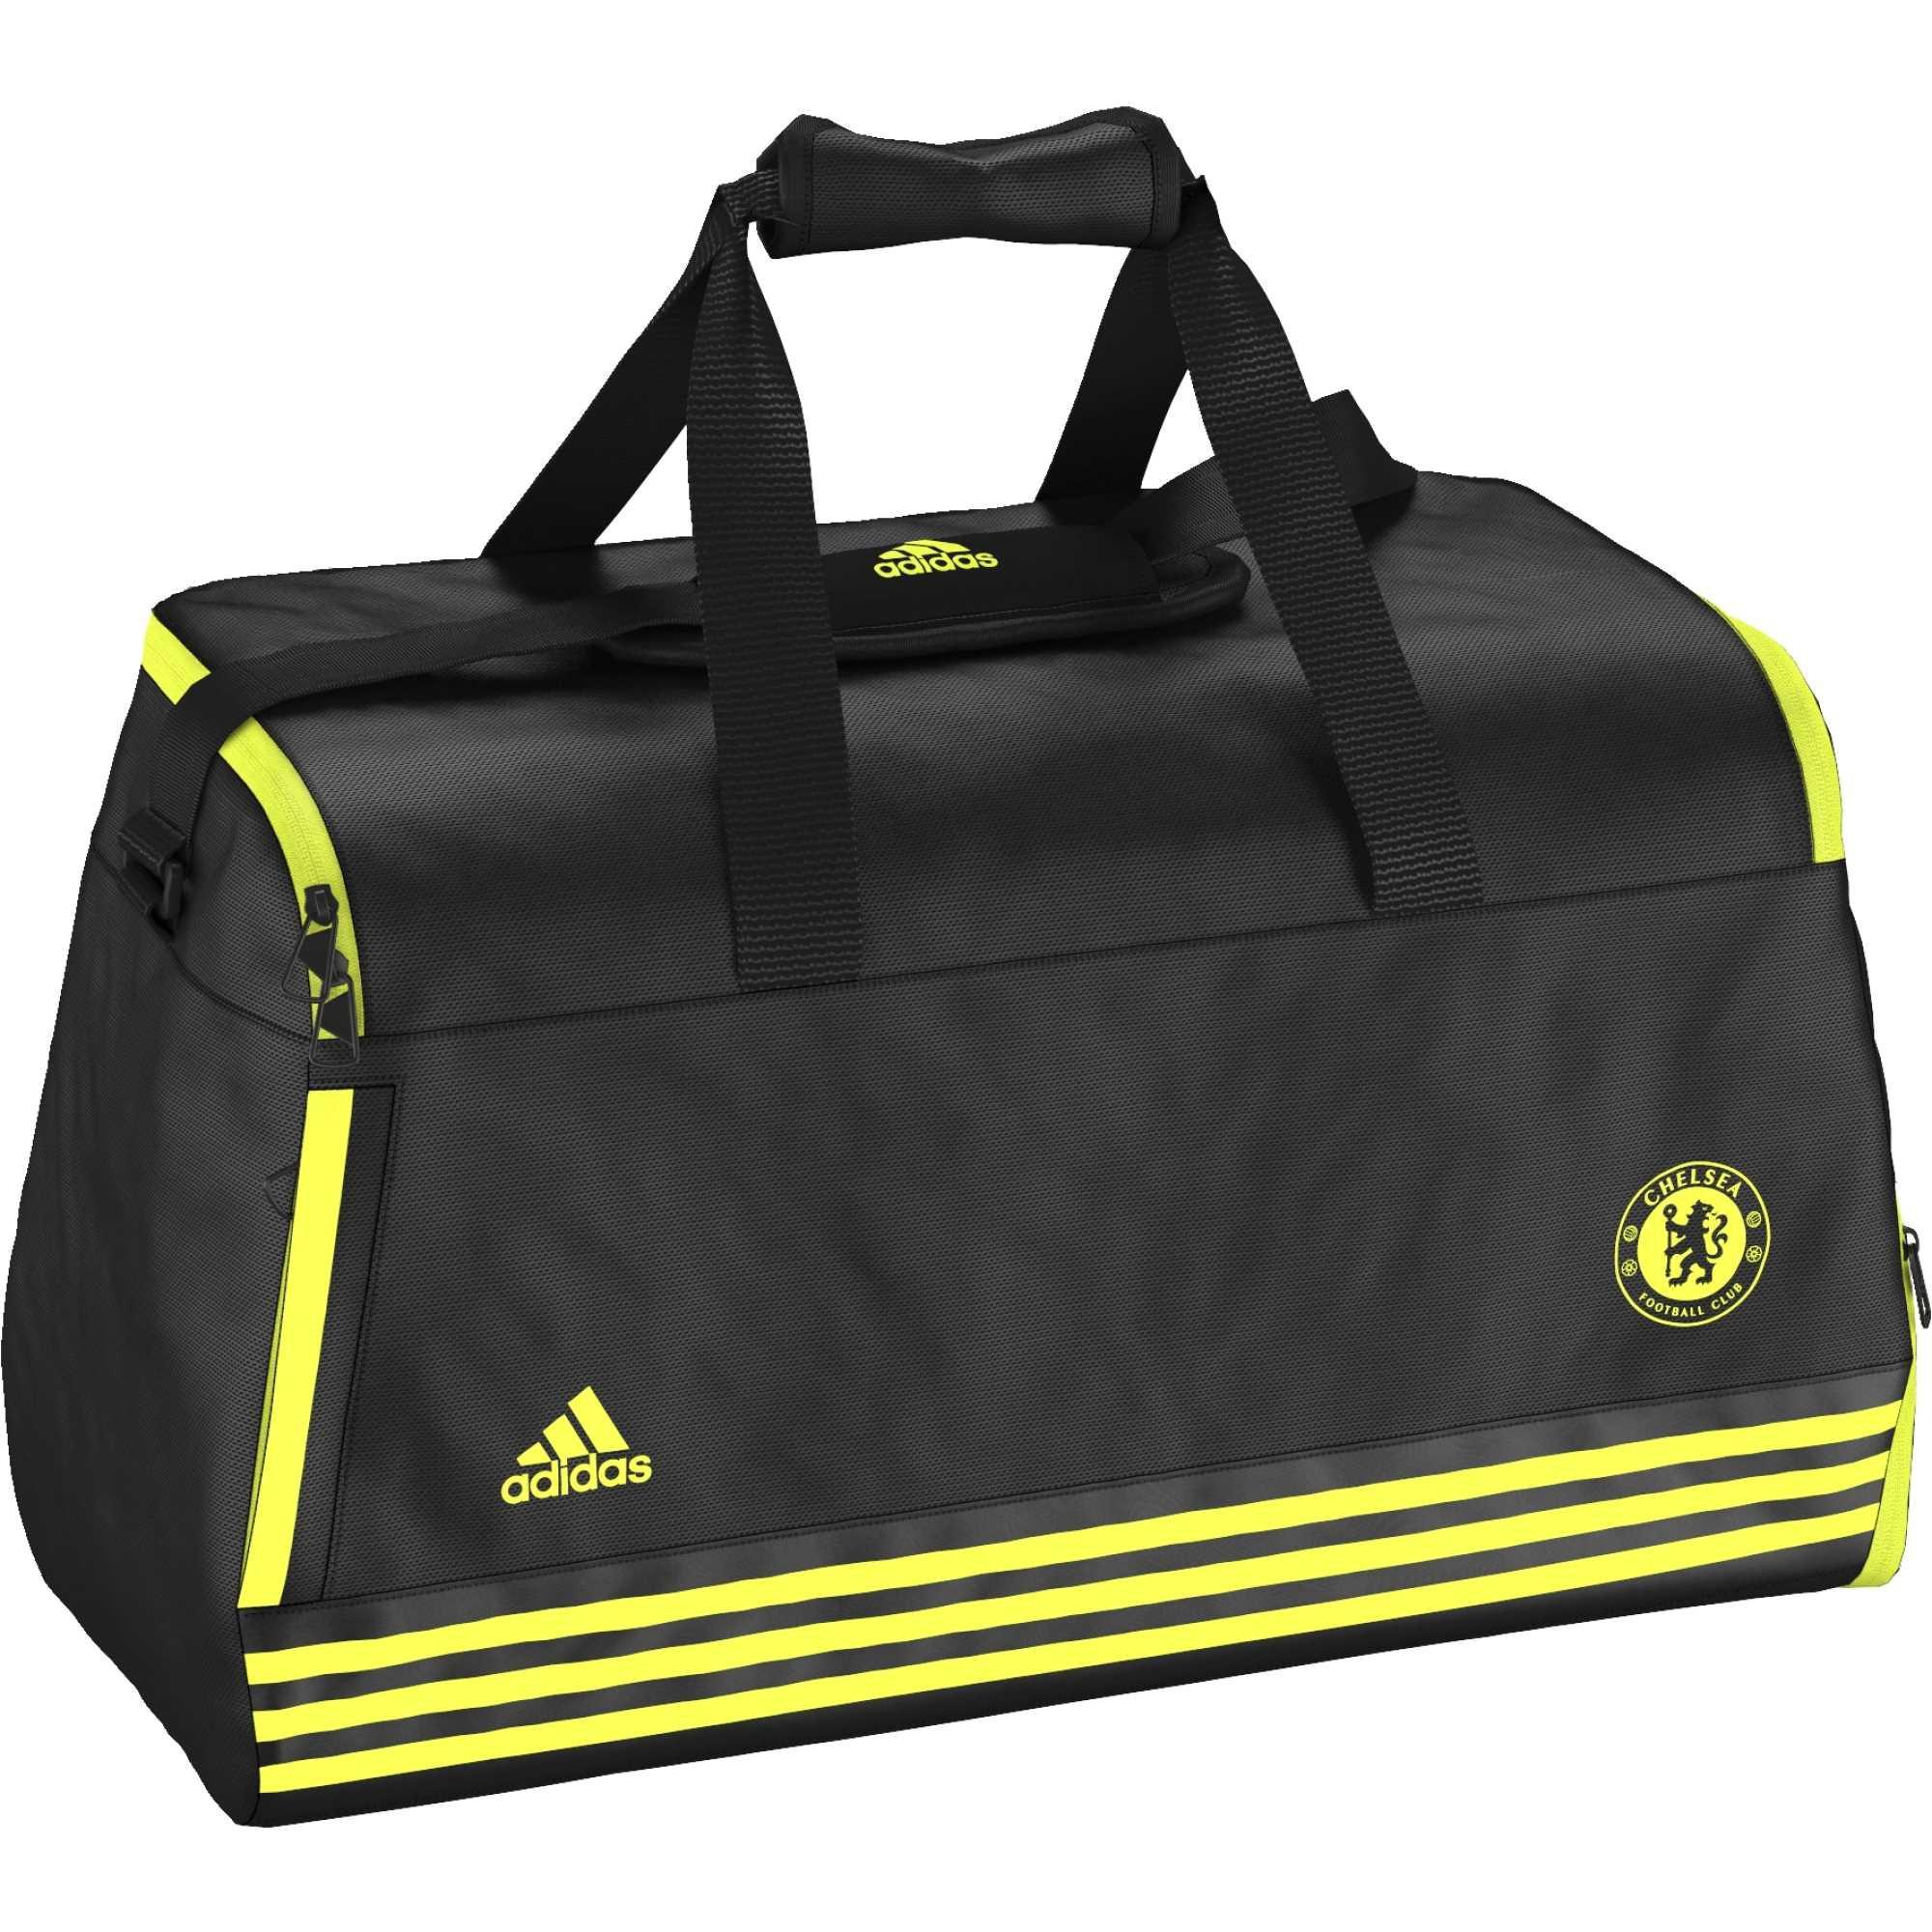 2016-2017 Chelsea Adidas Team Bag (Black)